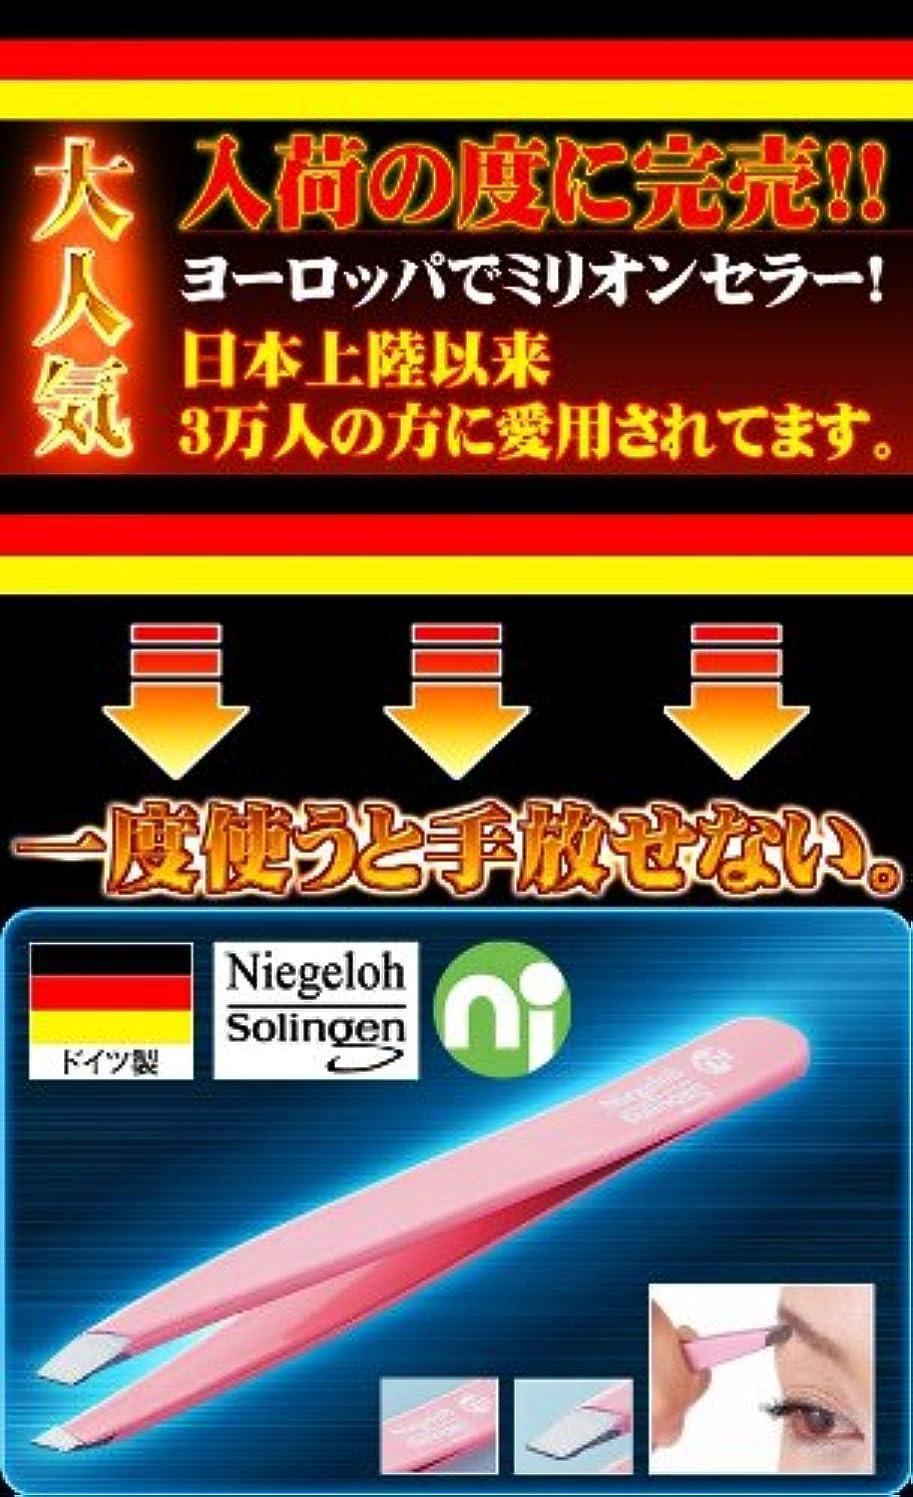 ソフィーライバルキャベツドイツ ゾーリンゲンNiegeloh(ニゲロ社)のツイザー